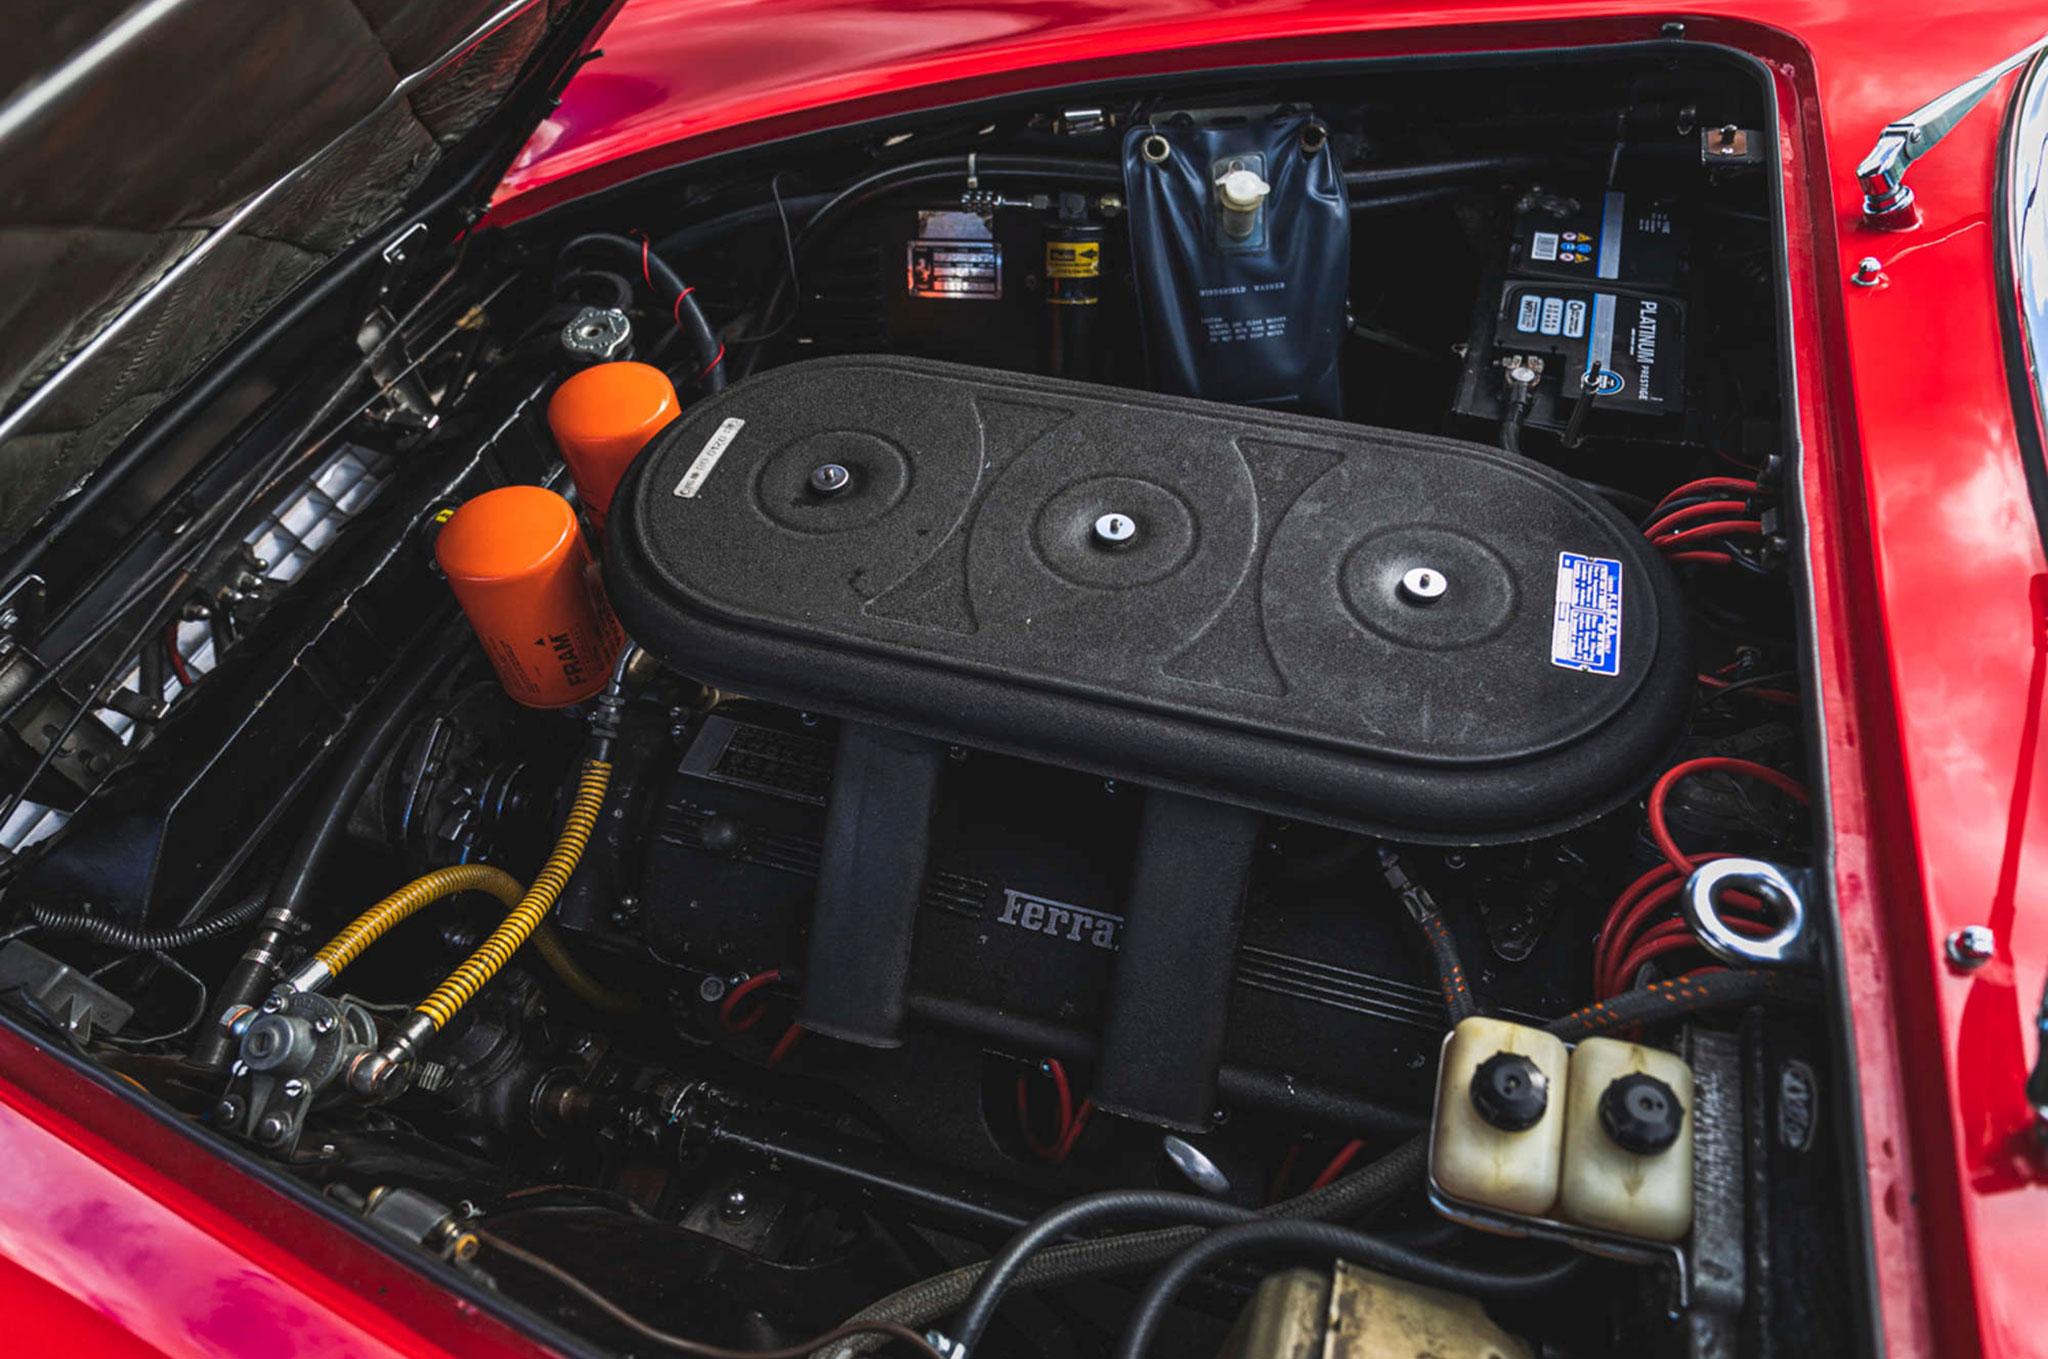 1968 Ferrari 330 GTC moteur V12 de 4.0-Litre 300 chevaux.